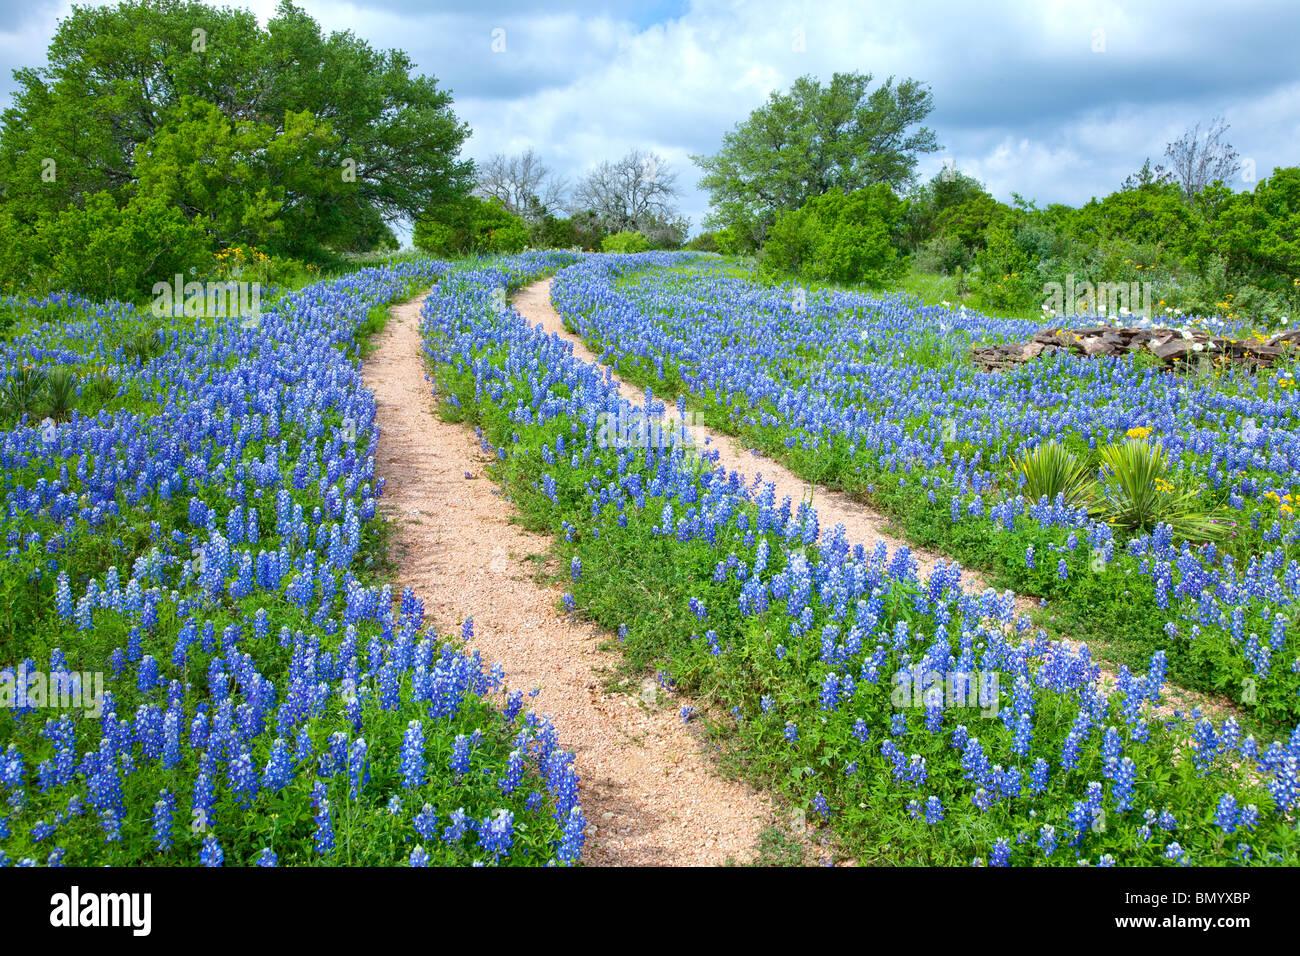 Vías dobles a través de un campo de Texas bluebonnets cerca de Sandy, Texas. Imagen De Stock